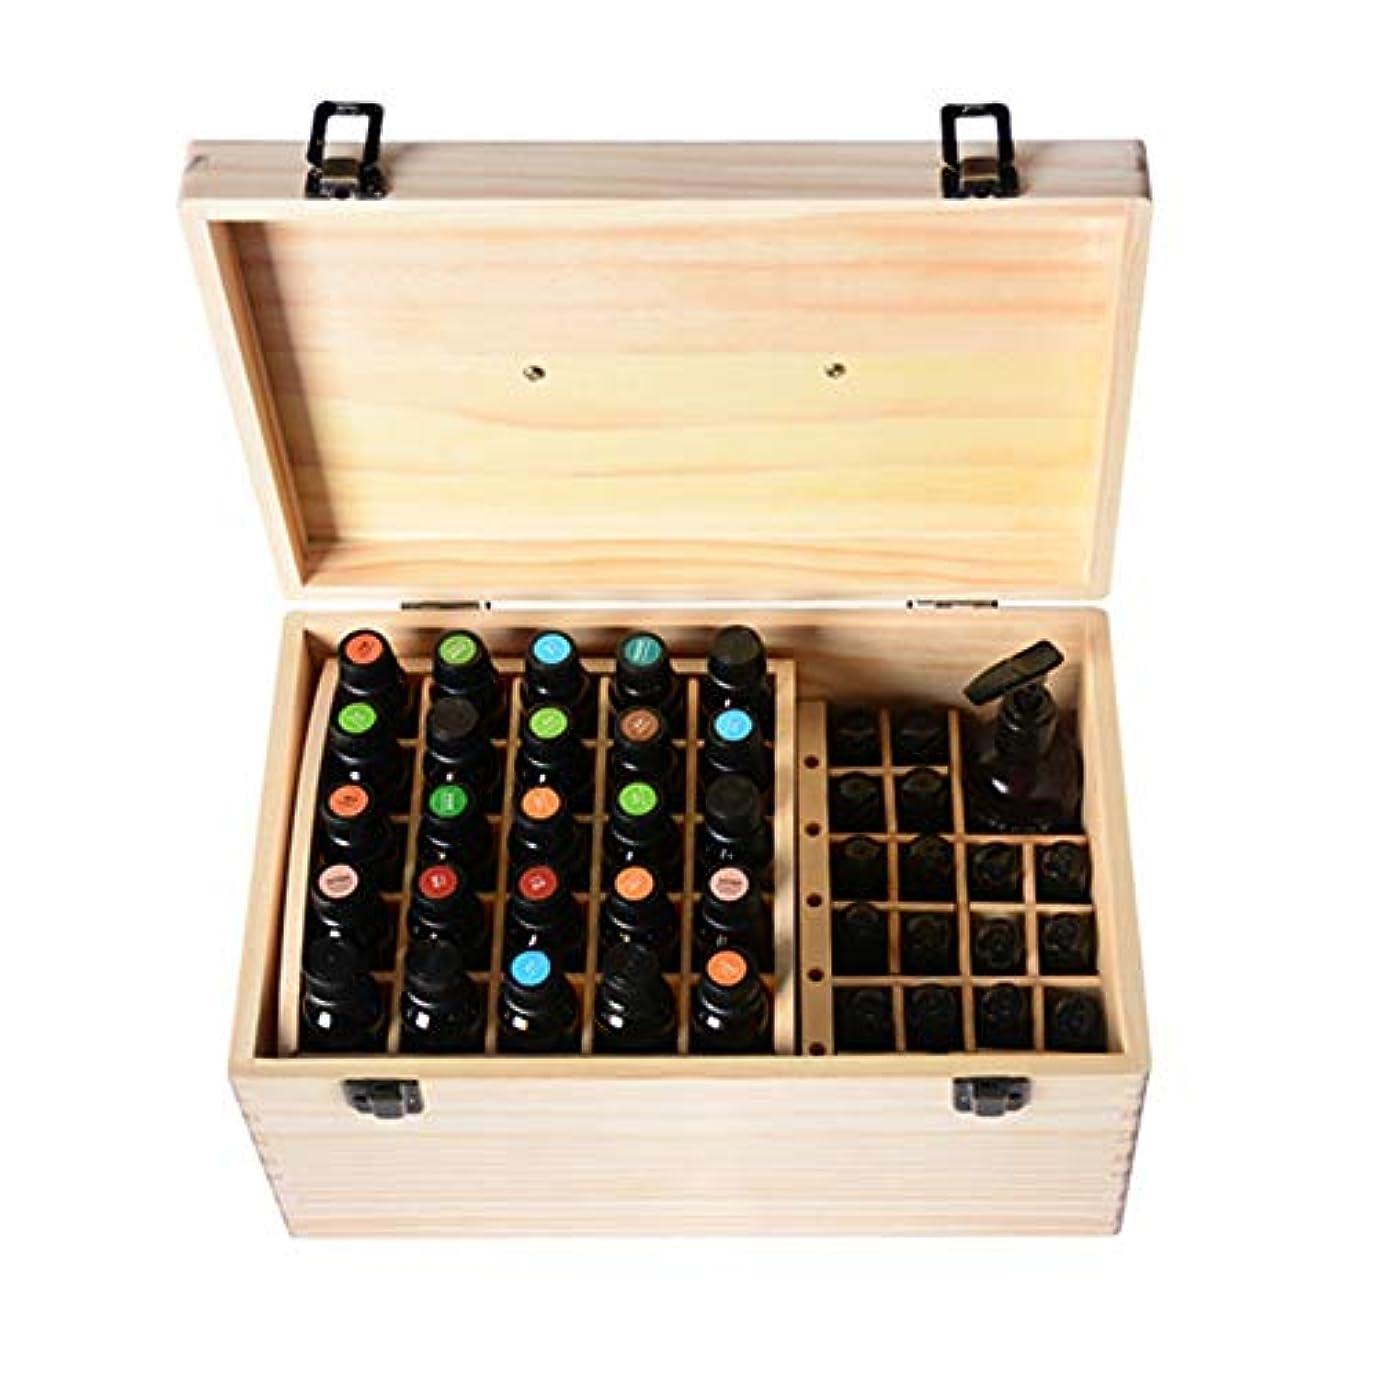 シビックトマト組み合わせる精油ケース 74スロット木エッセンシャルオイルボックス収納ケース内部のリムーバブルは15/10 M1のボトルナチュラルパインを開催します 携帯便利 (色 : Natural, サイズ : 35X20X16.5CM)